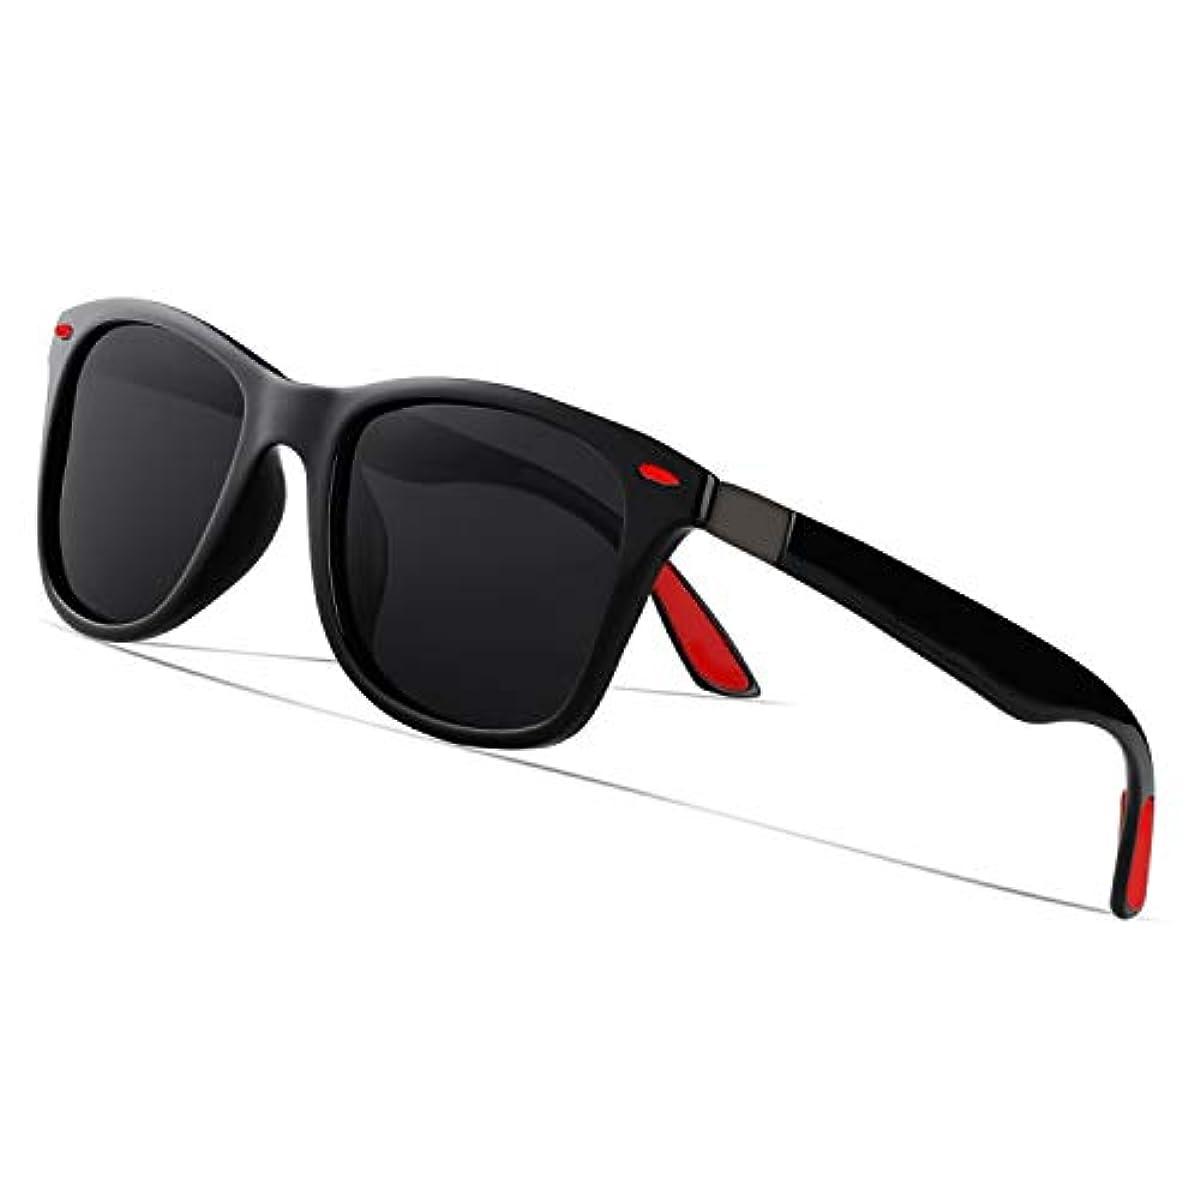 [해외] YVESER 맨즈 레이디스 편광 썬글라스 멋쟁이 편향 렌즈 초경량 hurray UV400자외선 자전거드라이어이브런닝낚시용등산골프사이클링 트래킹 등 스포츠로드 최적 패션인 디자인